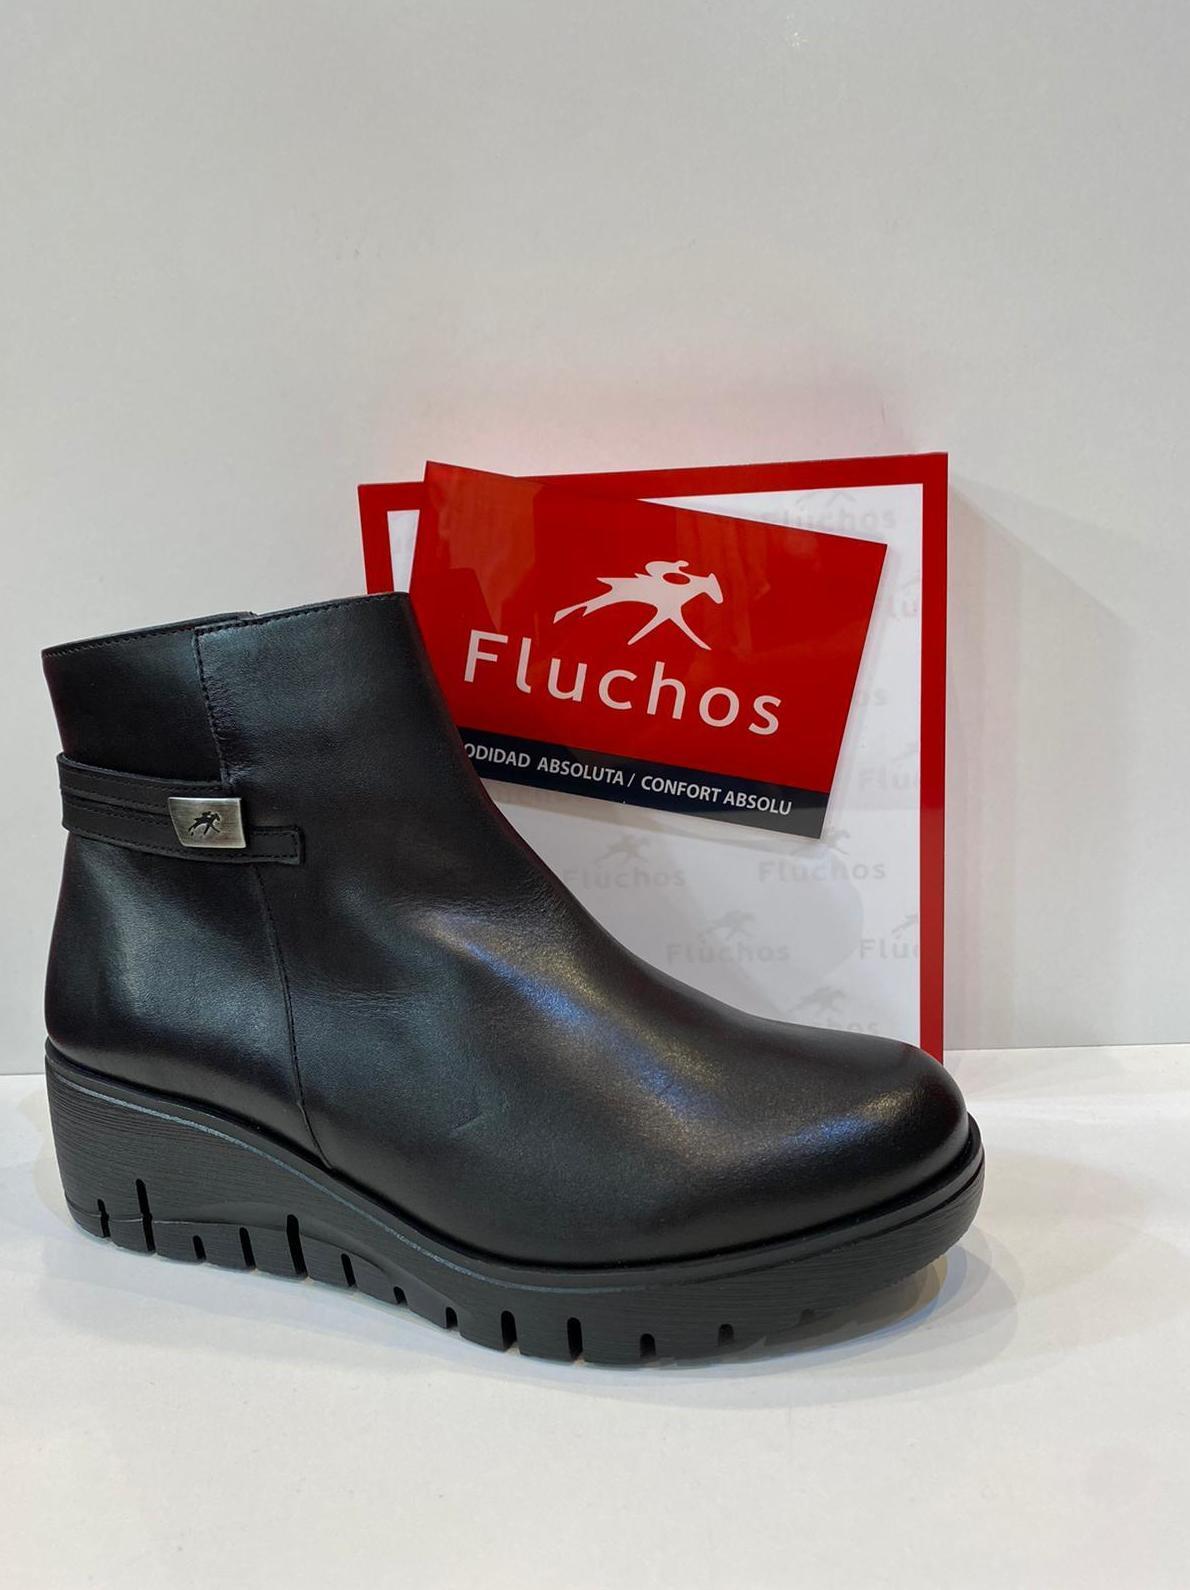 Botí de dona, de la marca Fluchos, ample especial, amb plantilla de viscoelàstica, adaptable a plantilles ortopèdiques, sola de politilè amb càmera d'aire 99.90€